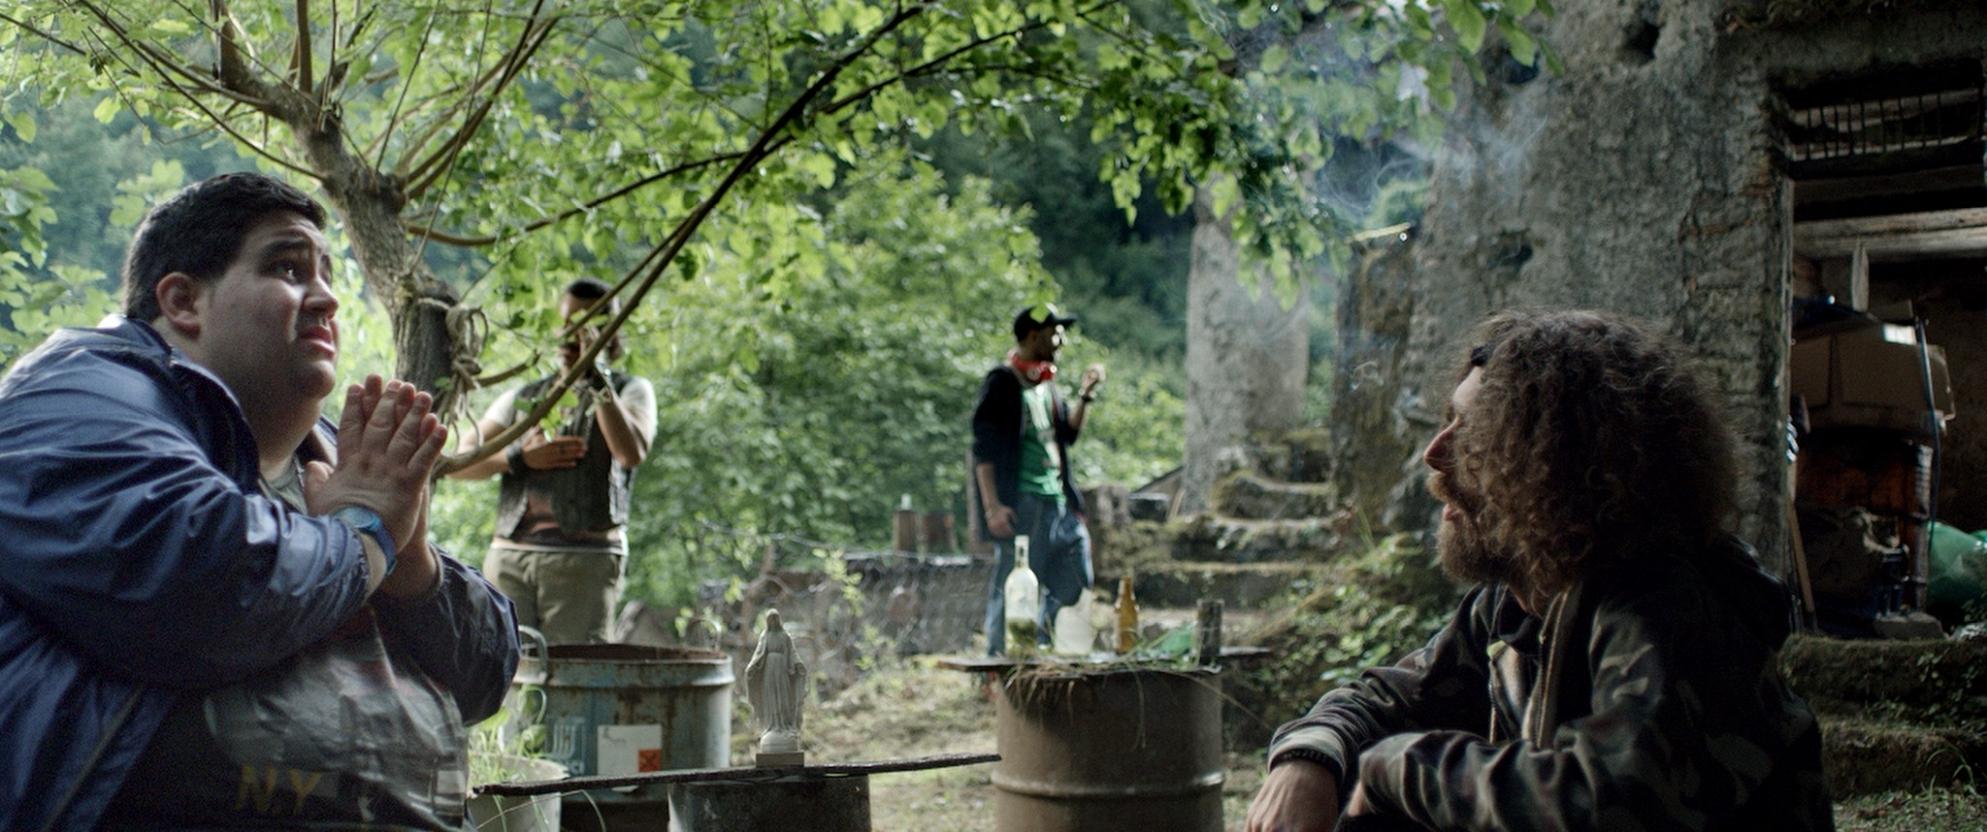 Rapiscimi: un'immagine del film